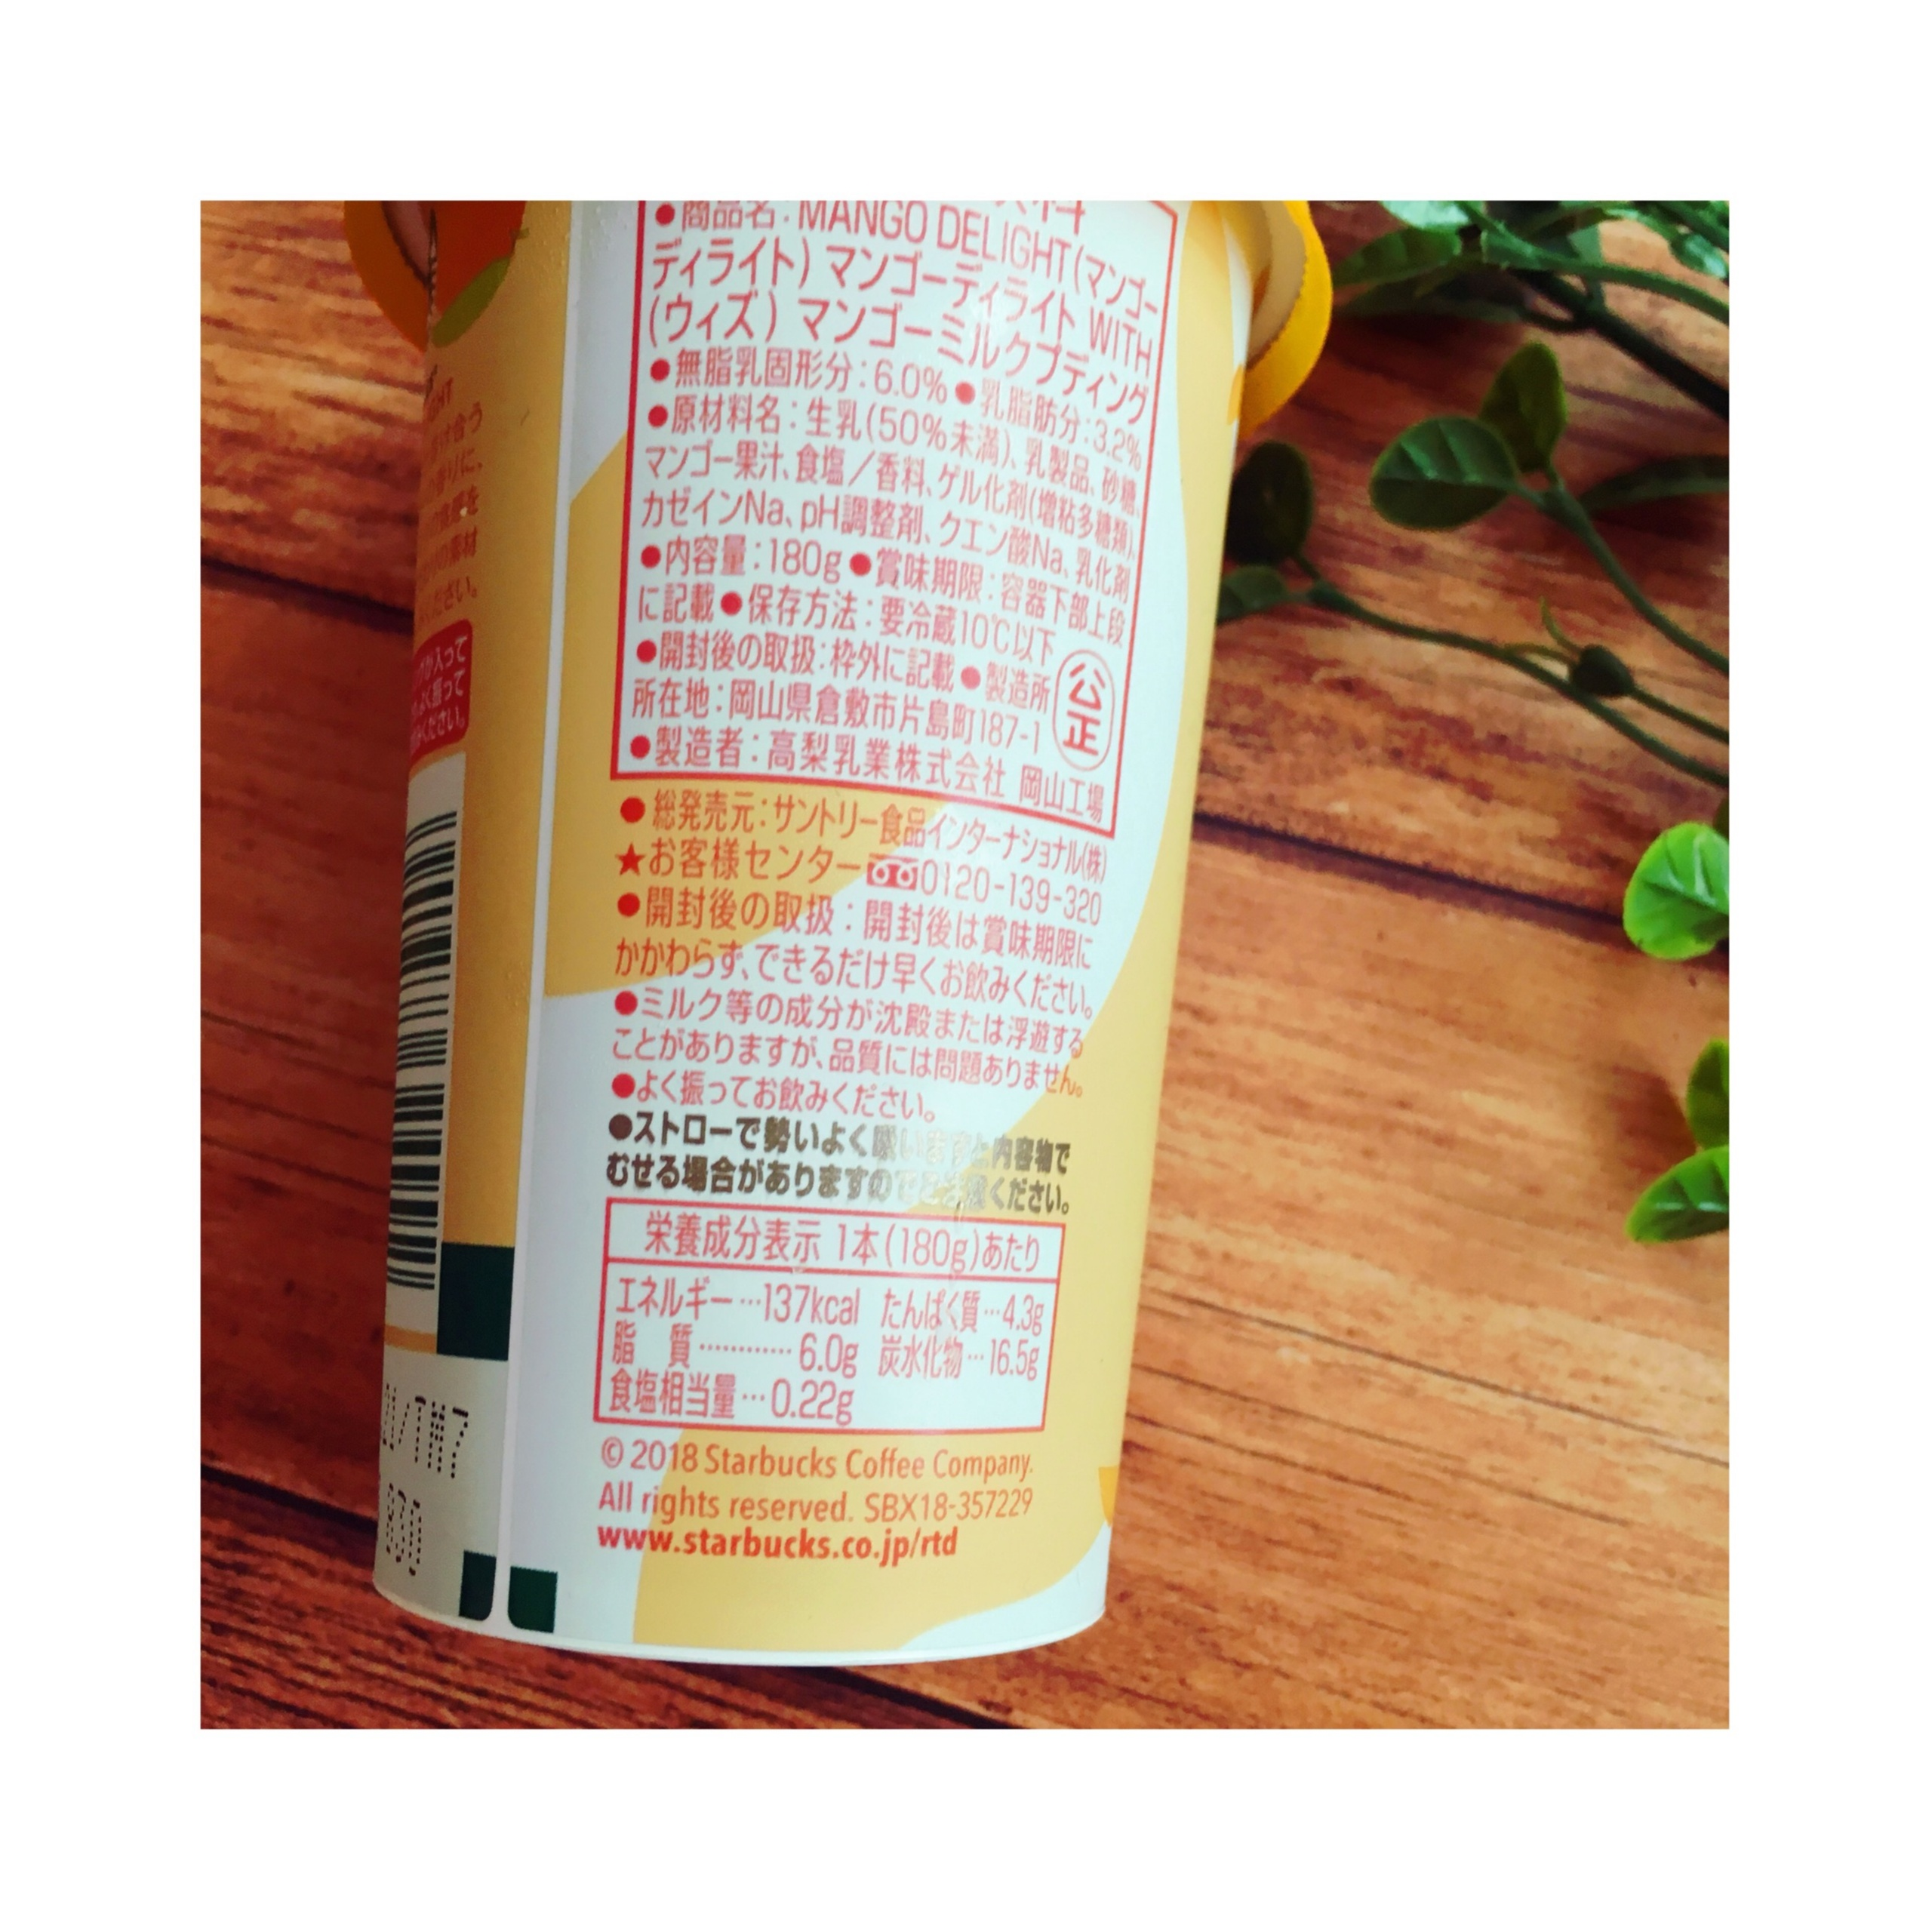 《本日7/10から期間発売★》コンビニで買える【スタバ】から新作登場!〝マンゴーディライト WITHマンゴーミルクプディング〟を飲んでみました❤️_3